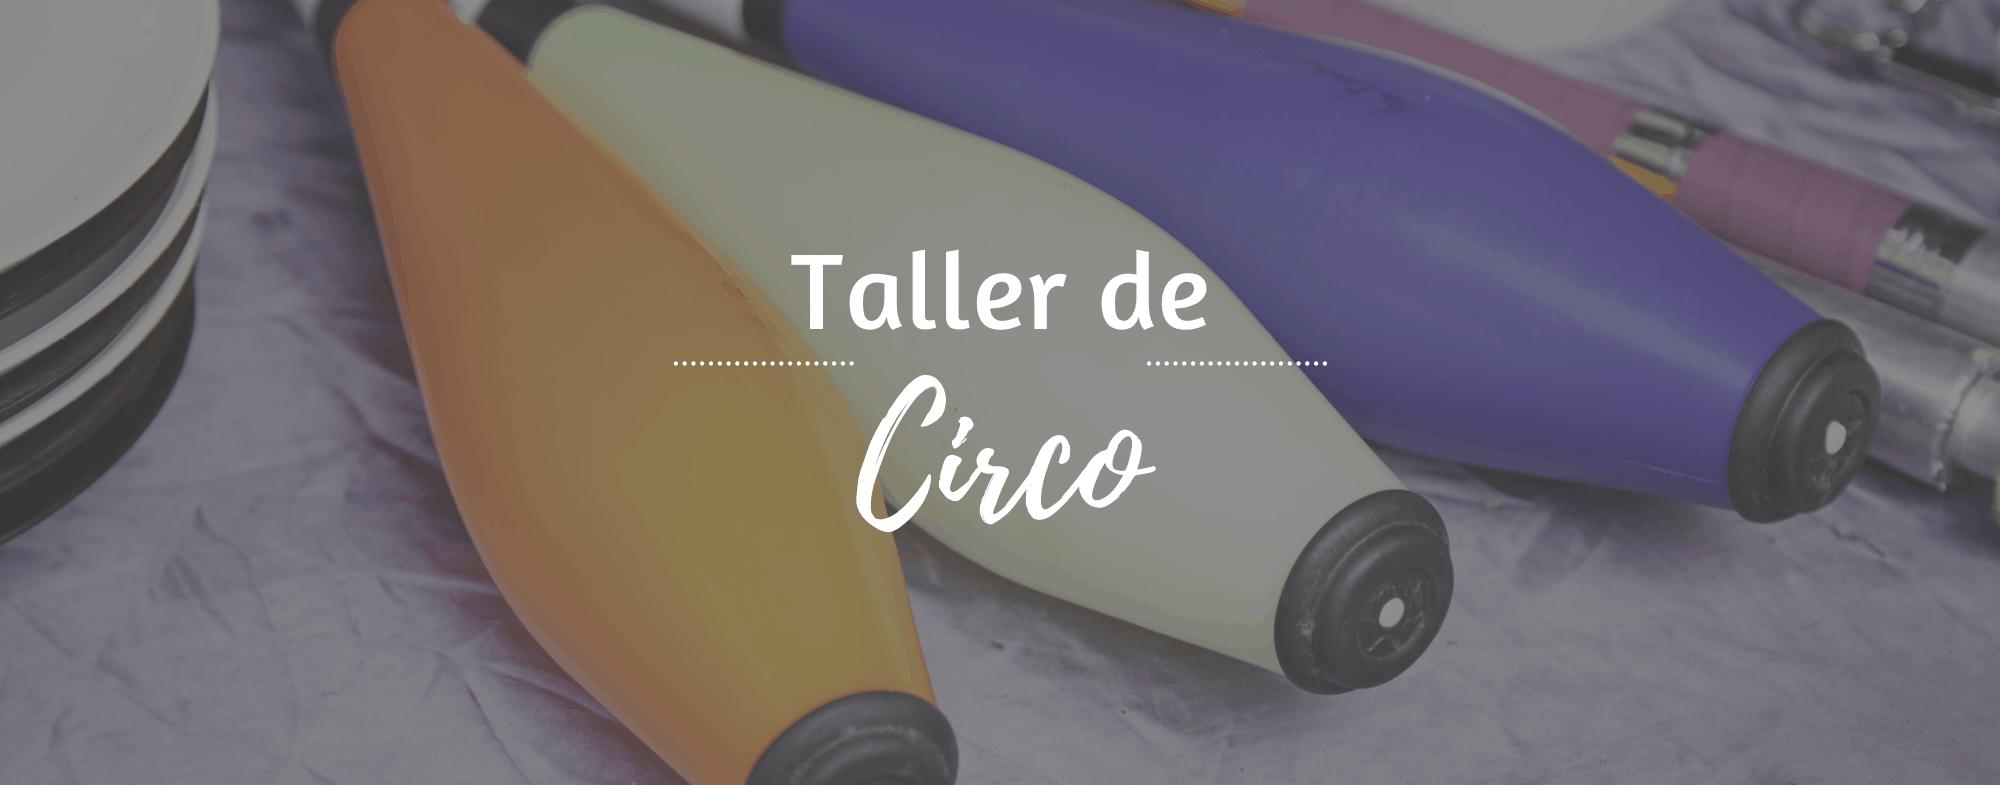 taller-de-circo